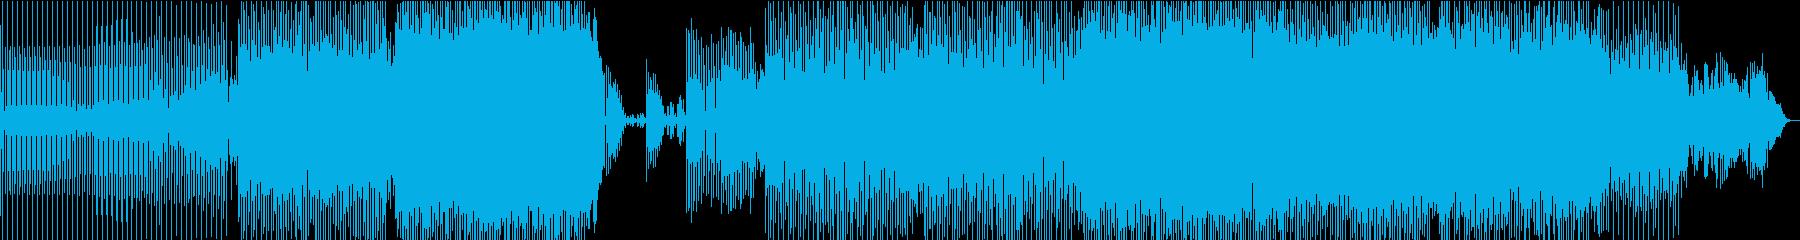 シーケンサー。アルペジエーター。 ...の再生済みの波形